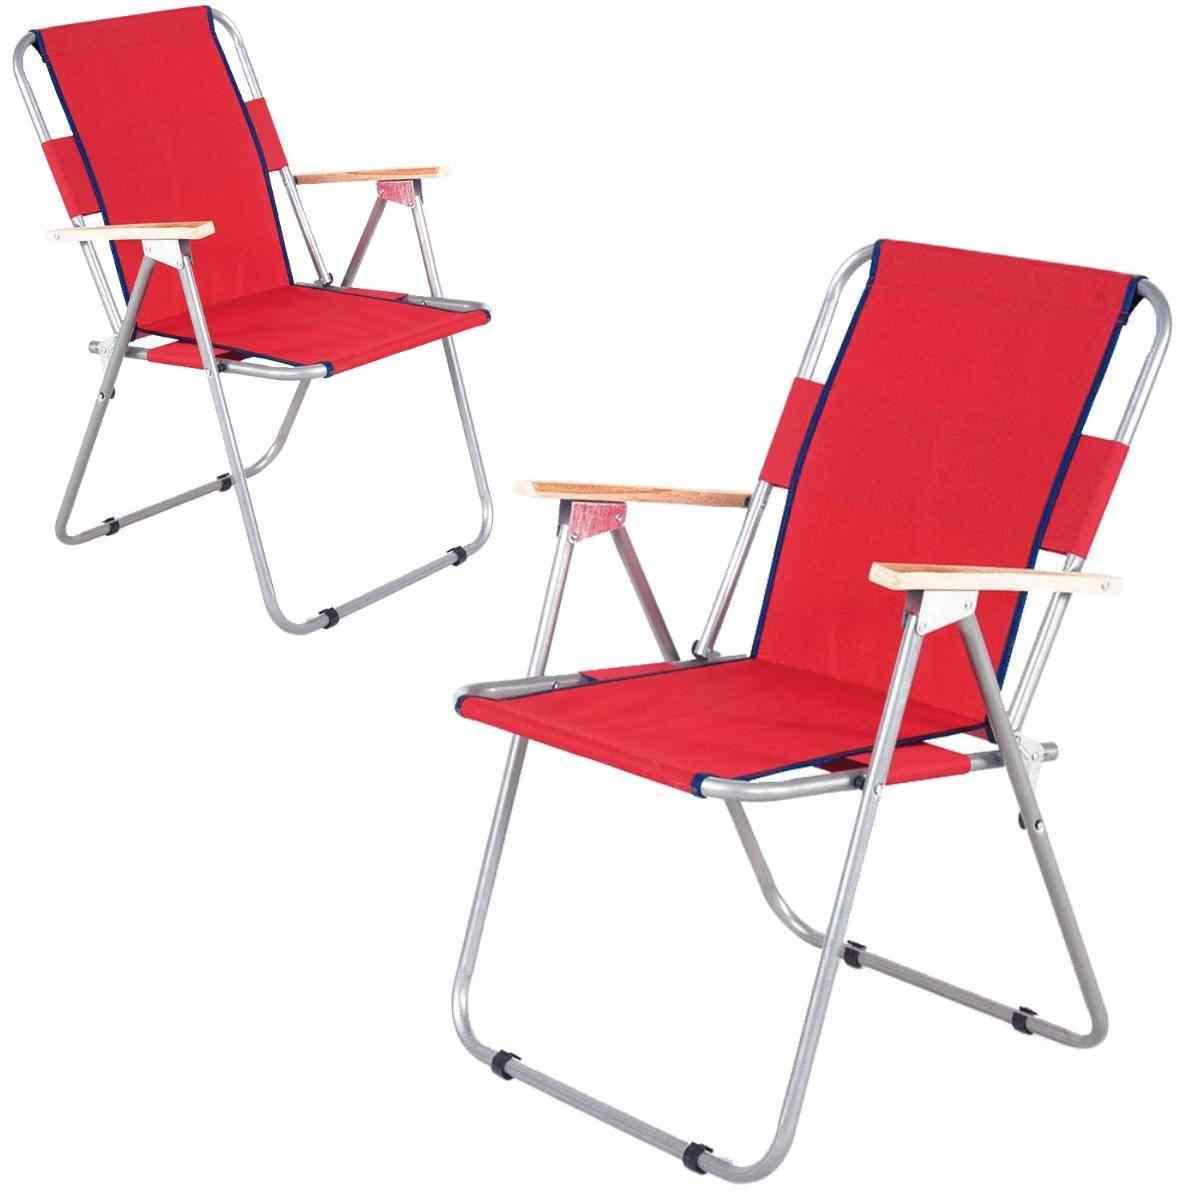 İbiza Katlanır Piknik Sandalyesi Plaj Kamp Sandalye Kırmızı 2 Ad